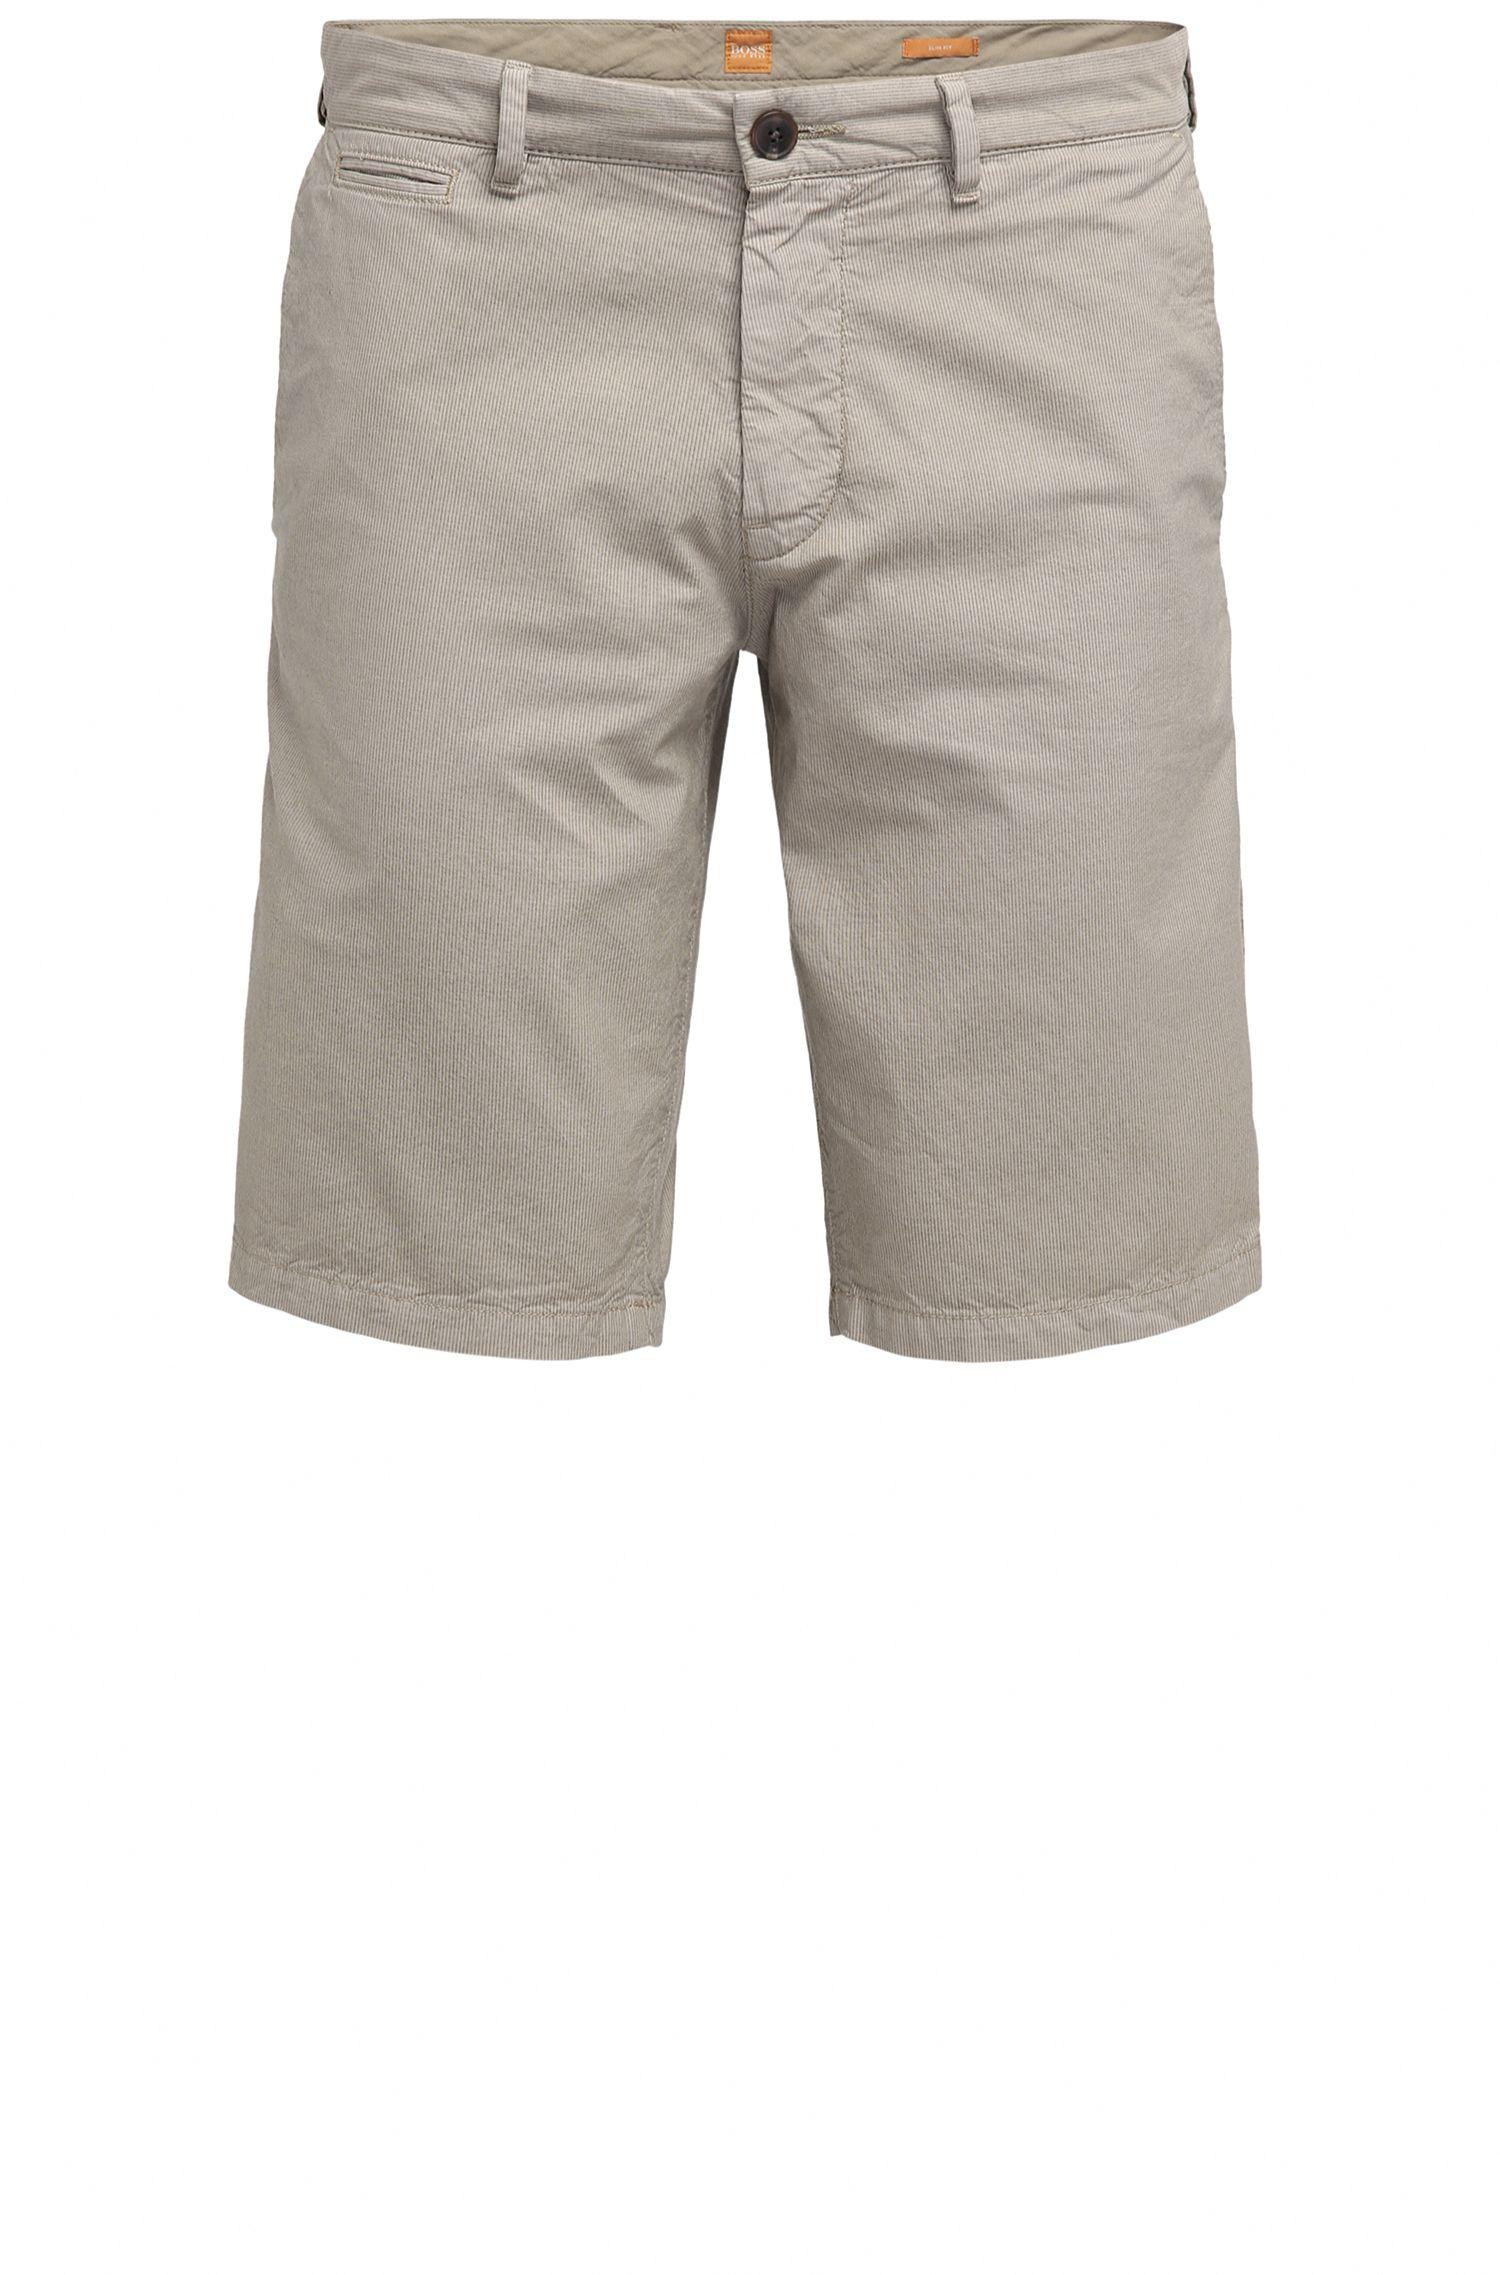 Shorts slim fit en algodón con bolsillos ocultos